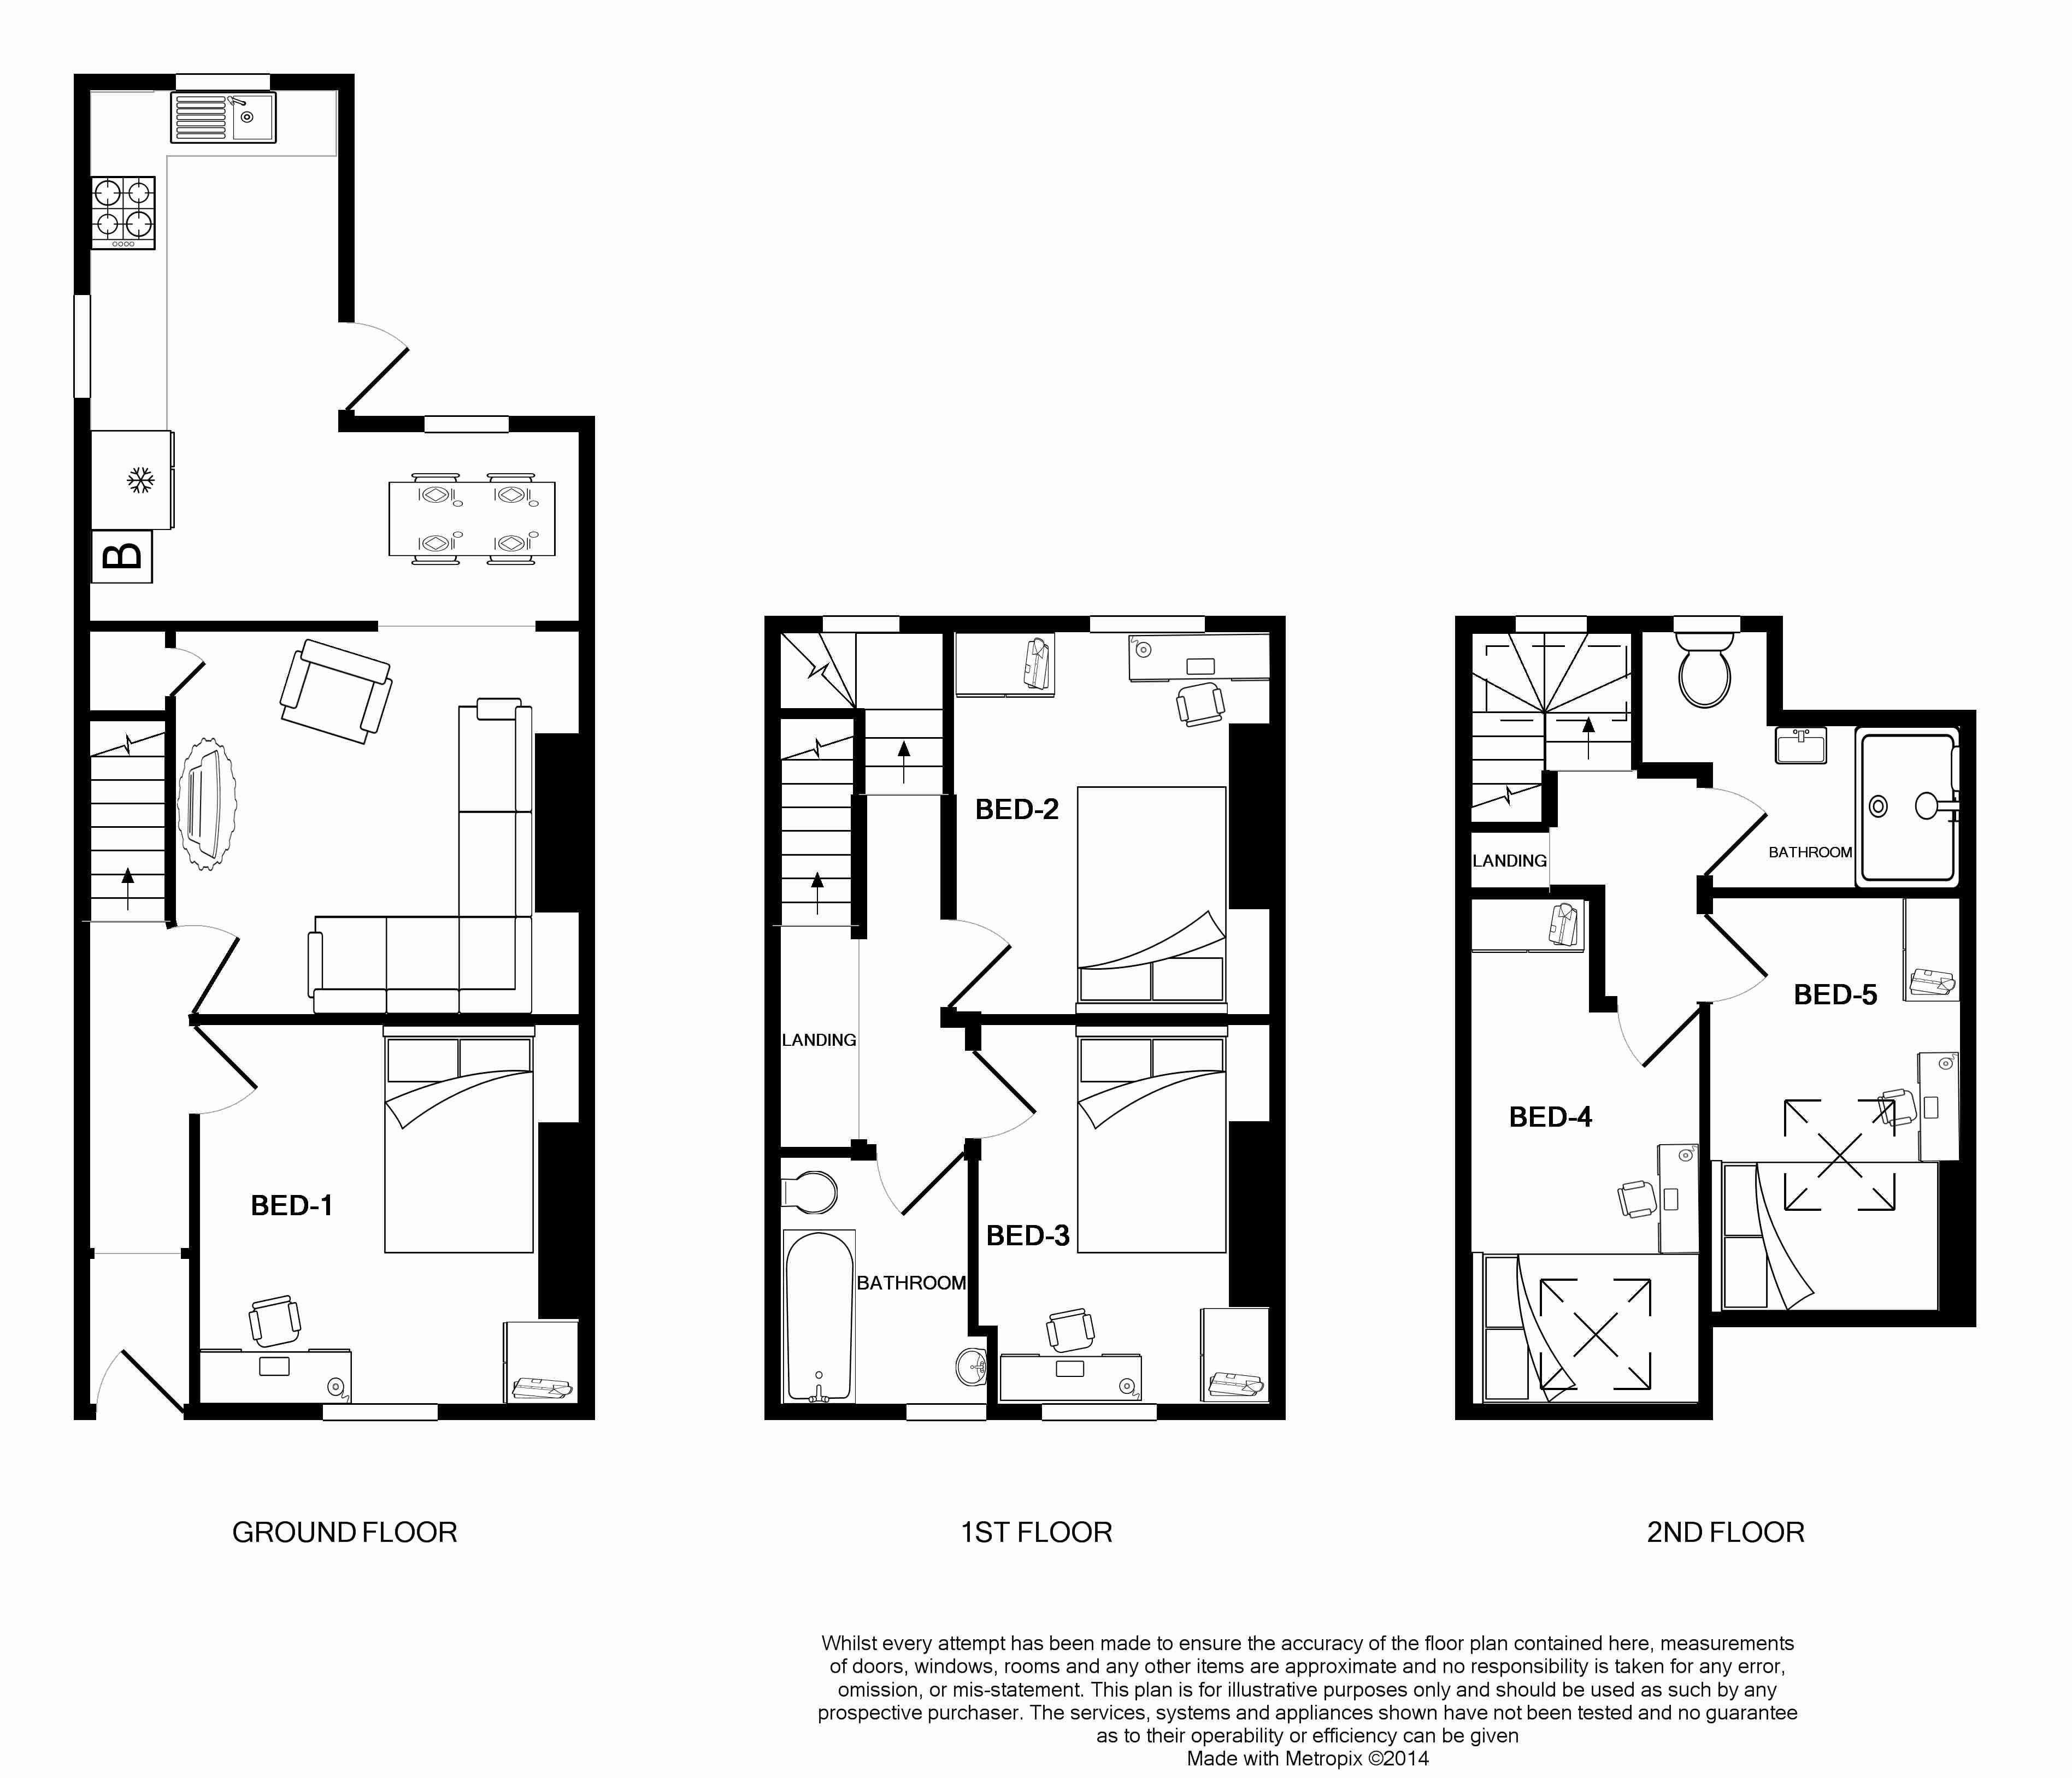 17 Victoria Street Floorplans